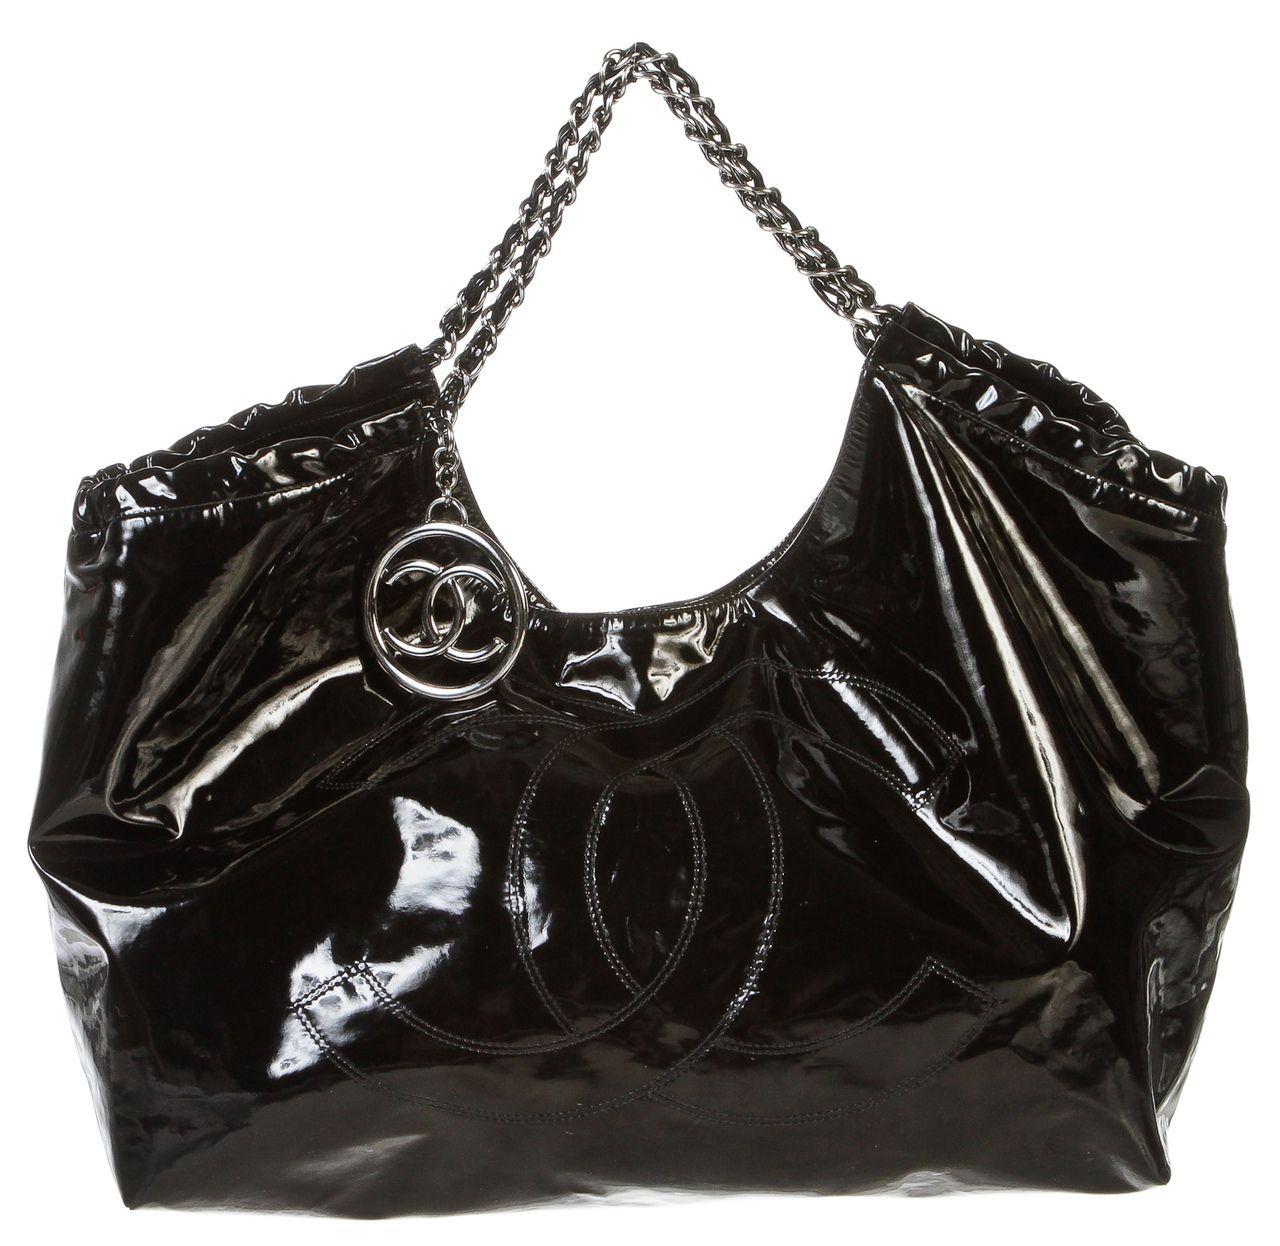 Onquestyle - Chanel Black Vinyl Coco Cabas Hobo XL Handbag, $1,295.00 (http://www.onquestyle.com/chanel-black-vinyl-coco-cabas-hobo-xl-handbag/)